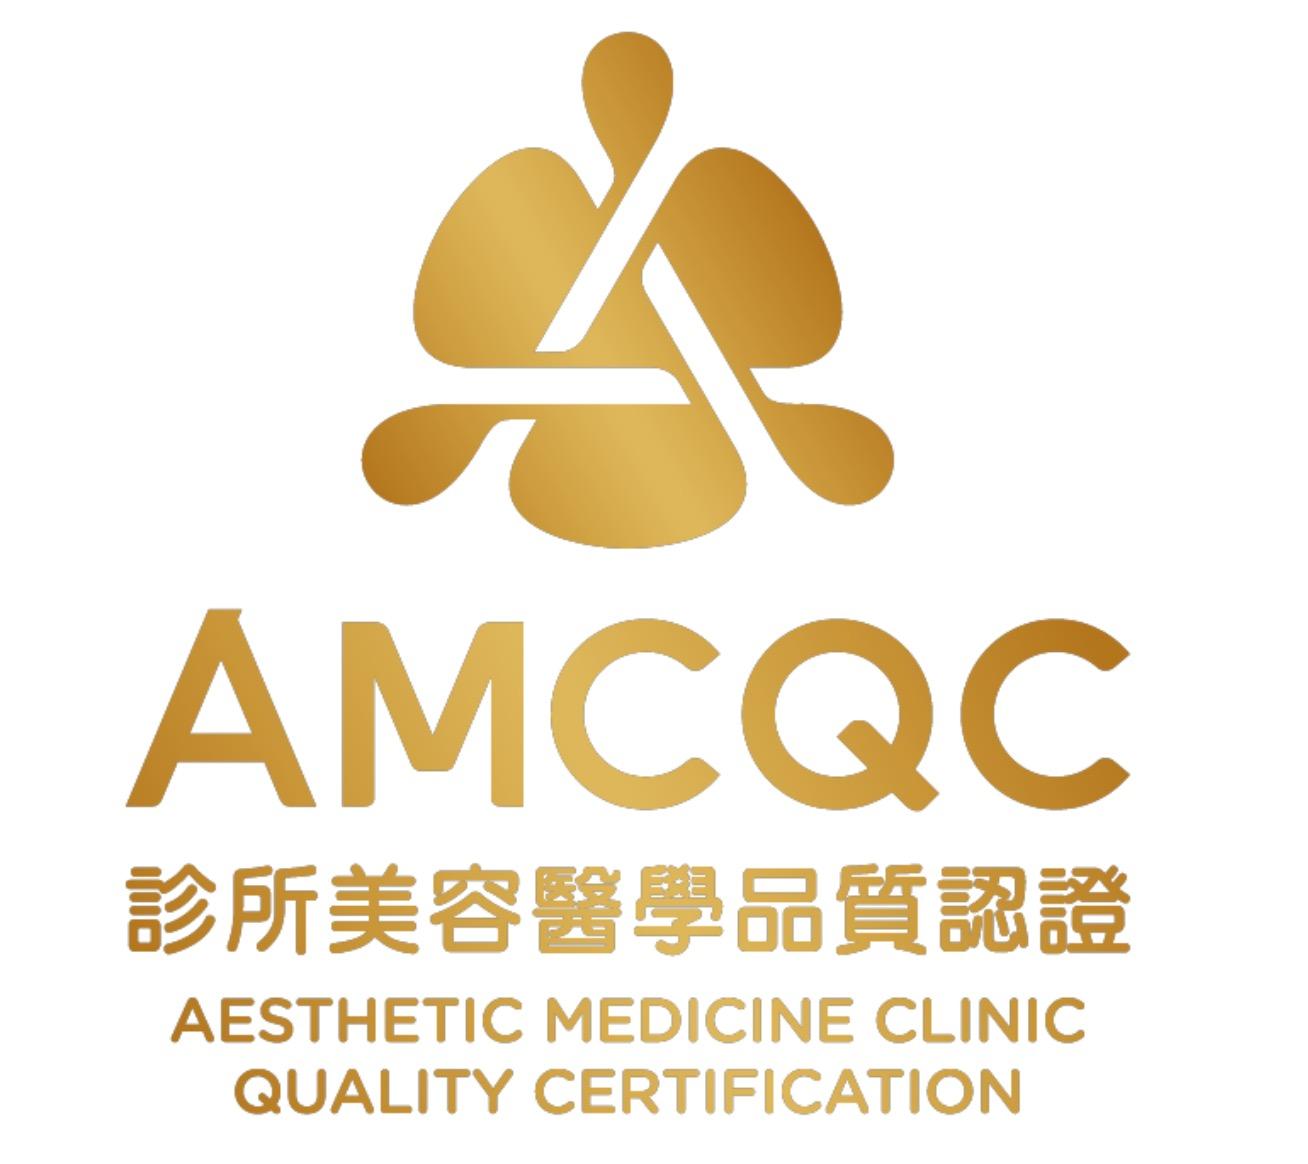 2020美容醫學品質認證標章